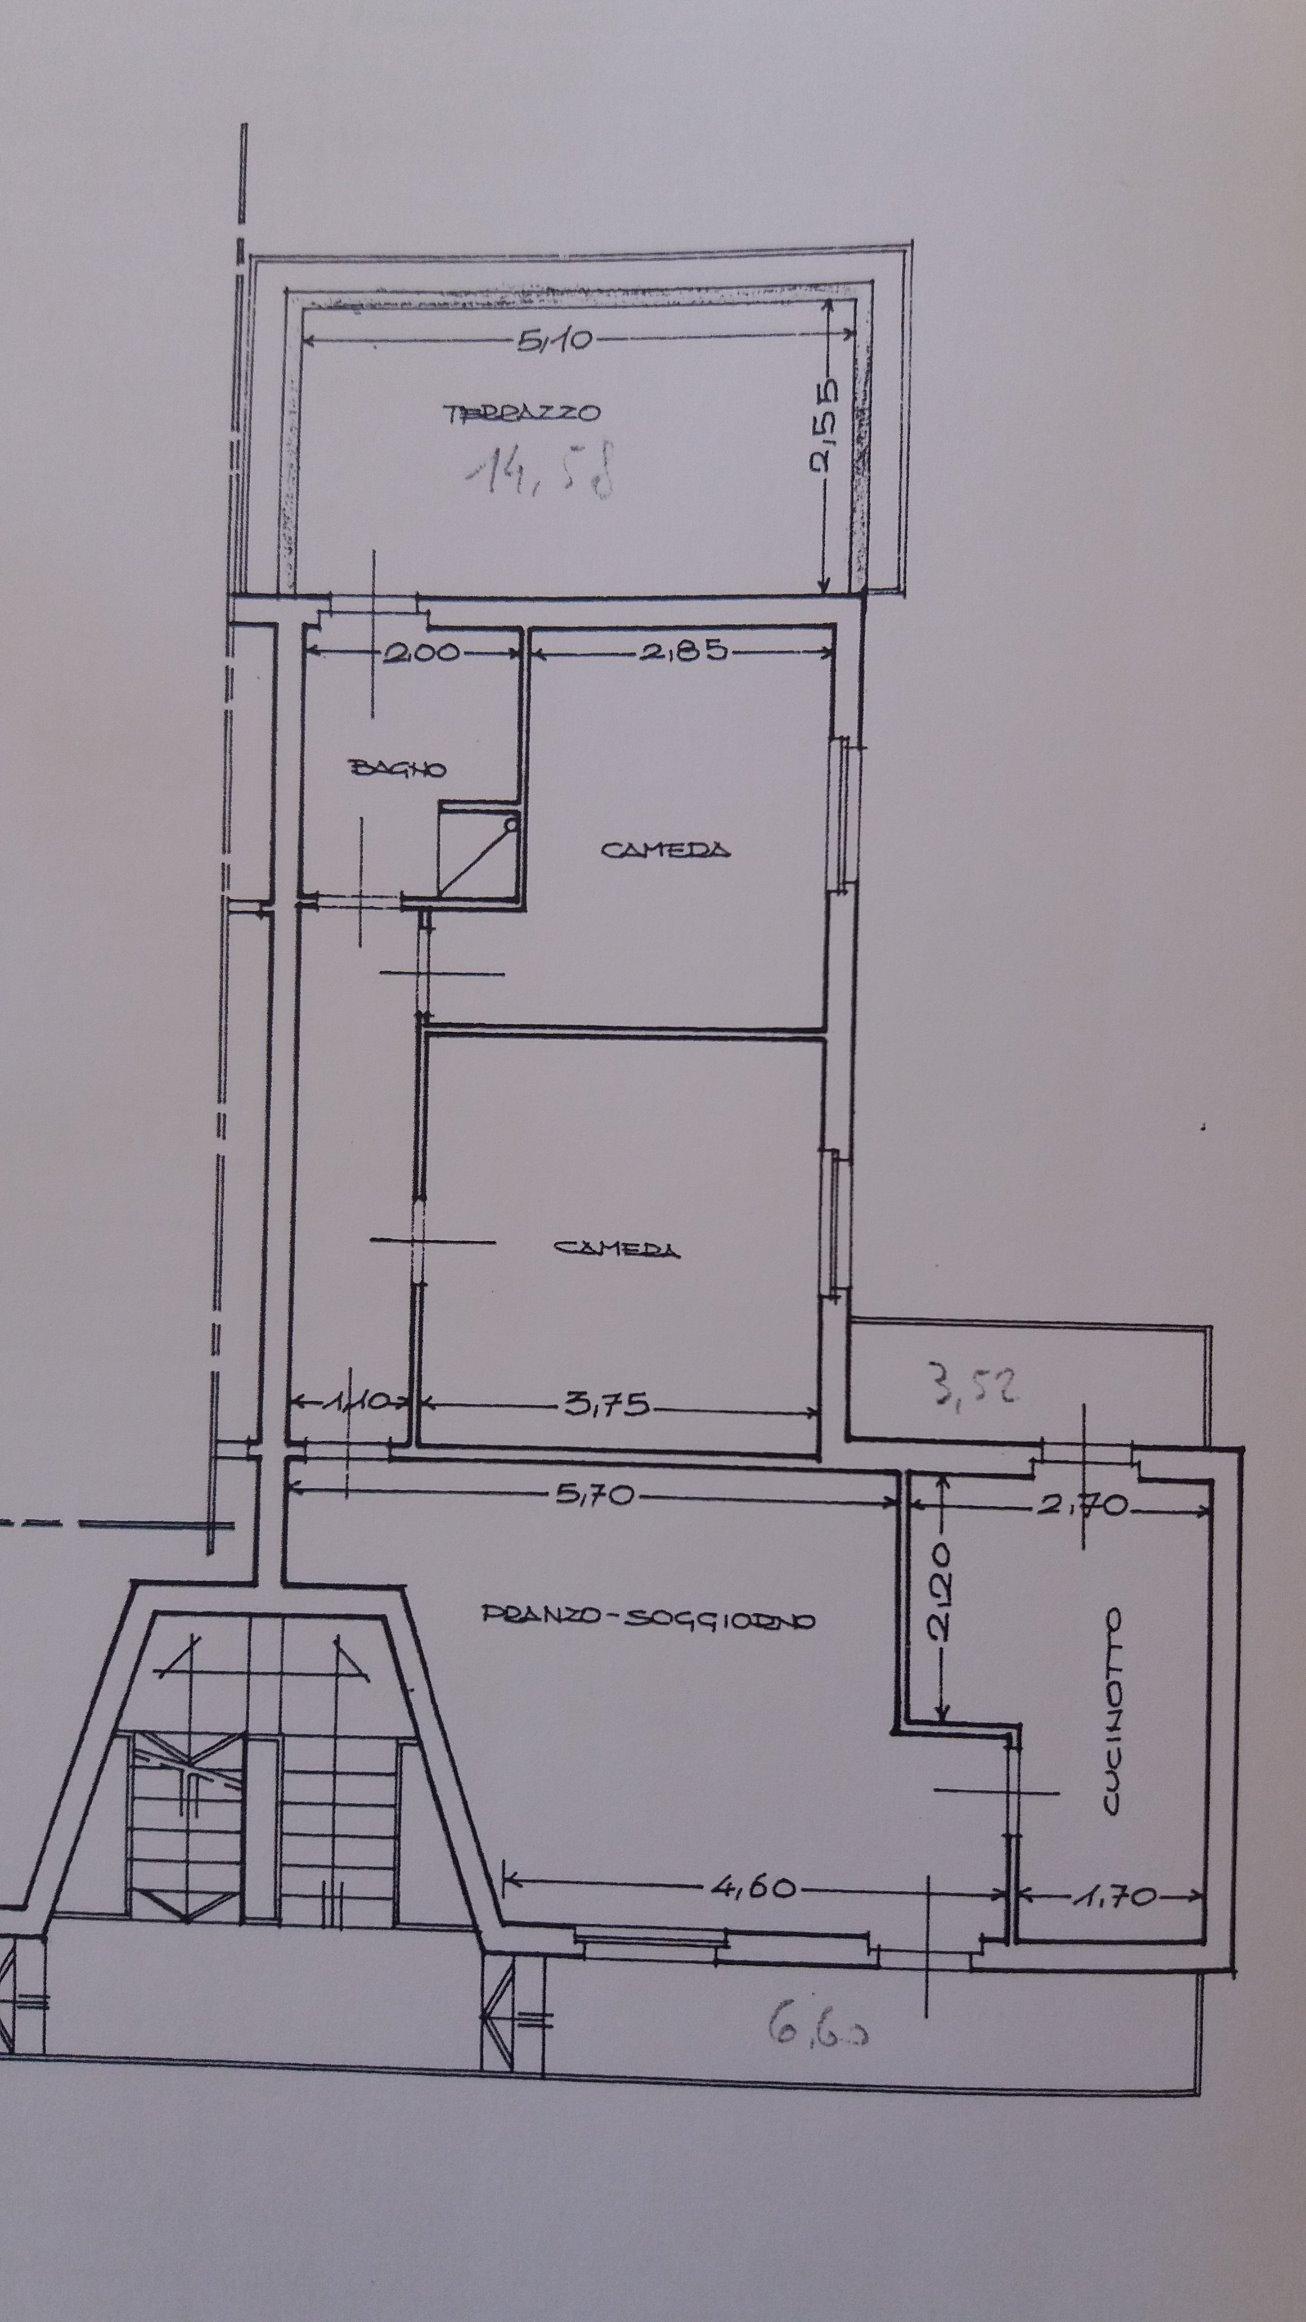 Foto 12/12 per rif. 1852